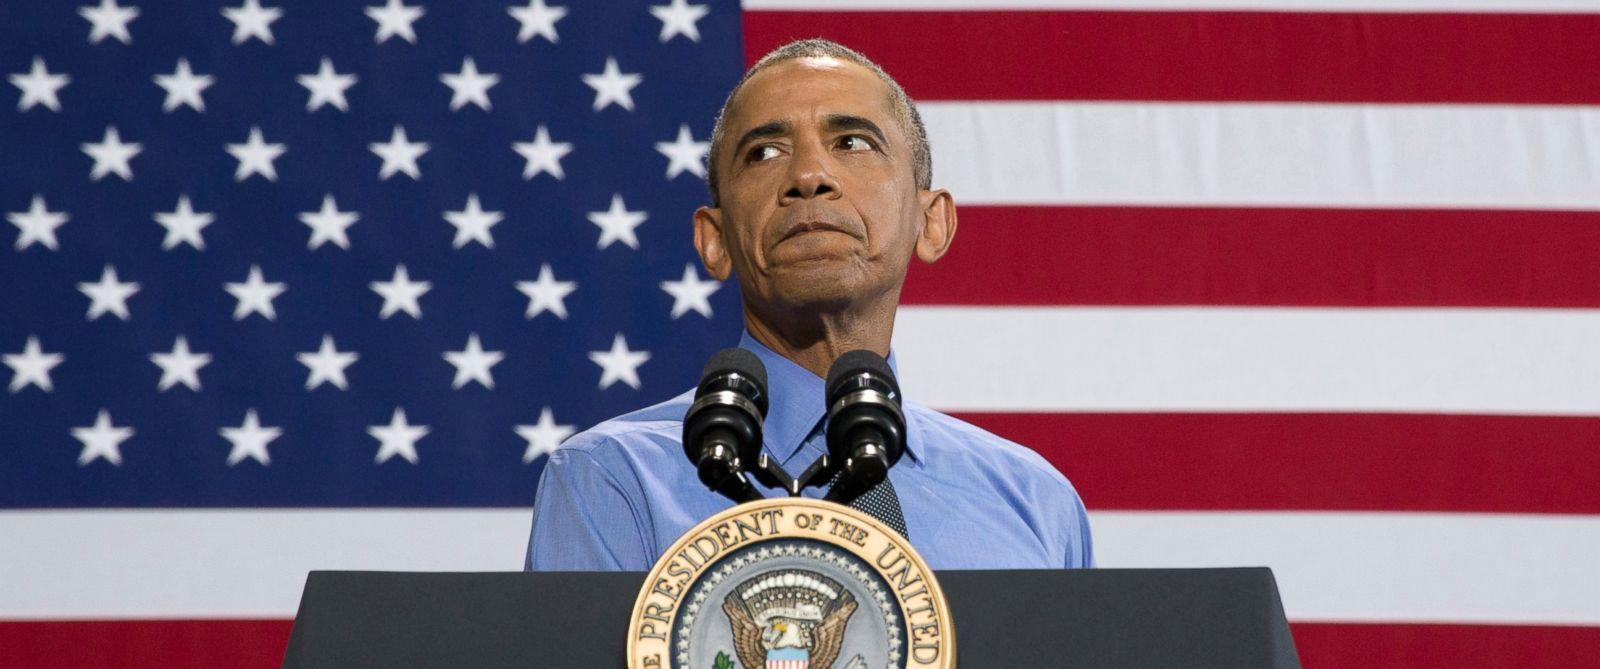 AP_obama_detroit_as_160120_12x5_1600